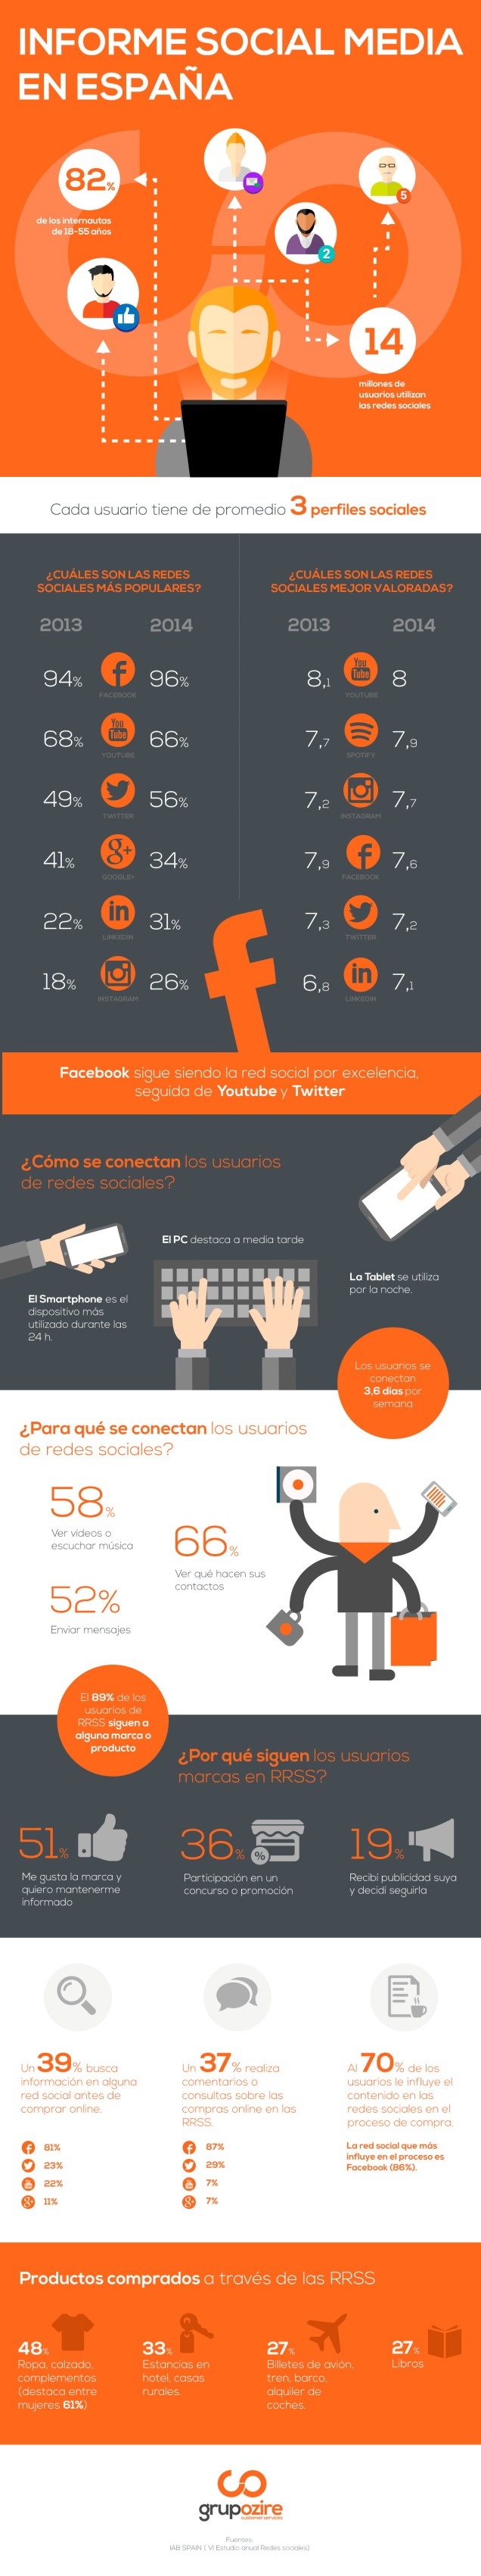 Panorama de las Redes Sociales en España (2015)